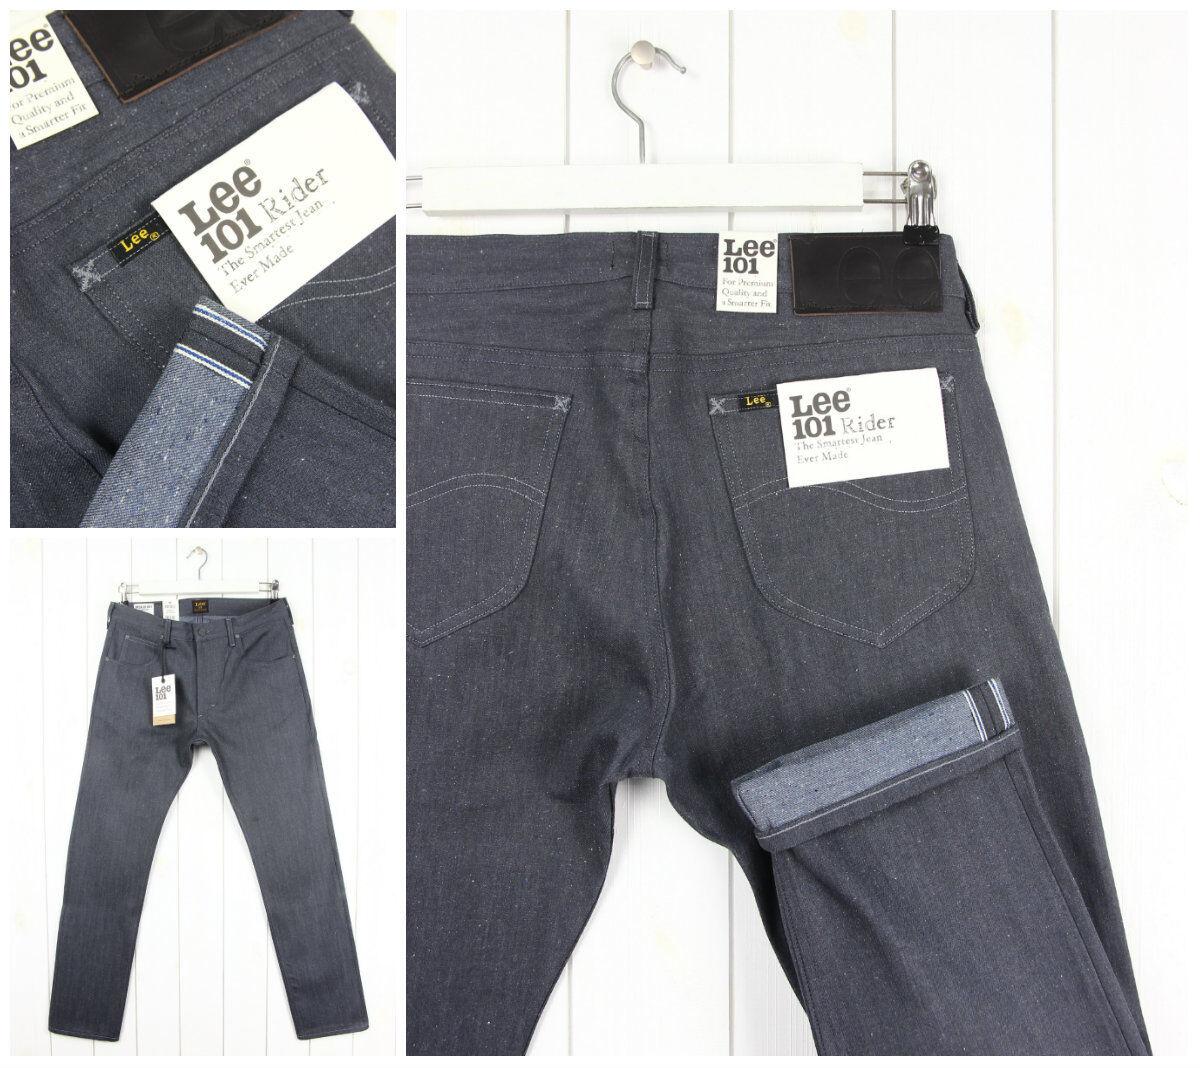 Nuovo Lee 101 Rider Grigio Jeans Asciutto Jeans Vivagno Affusolato Slim Luke _